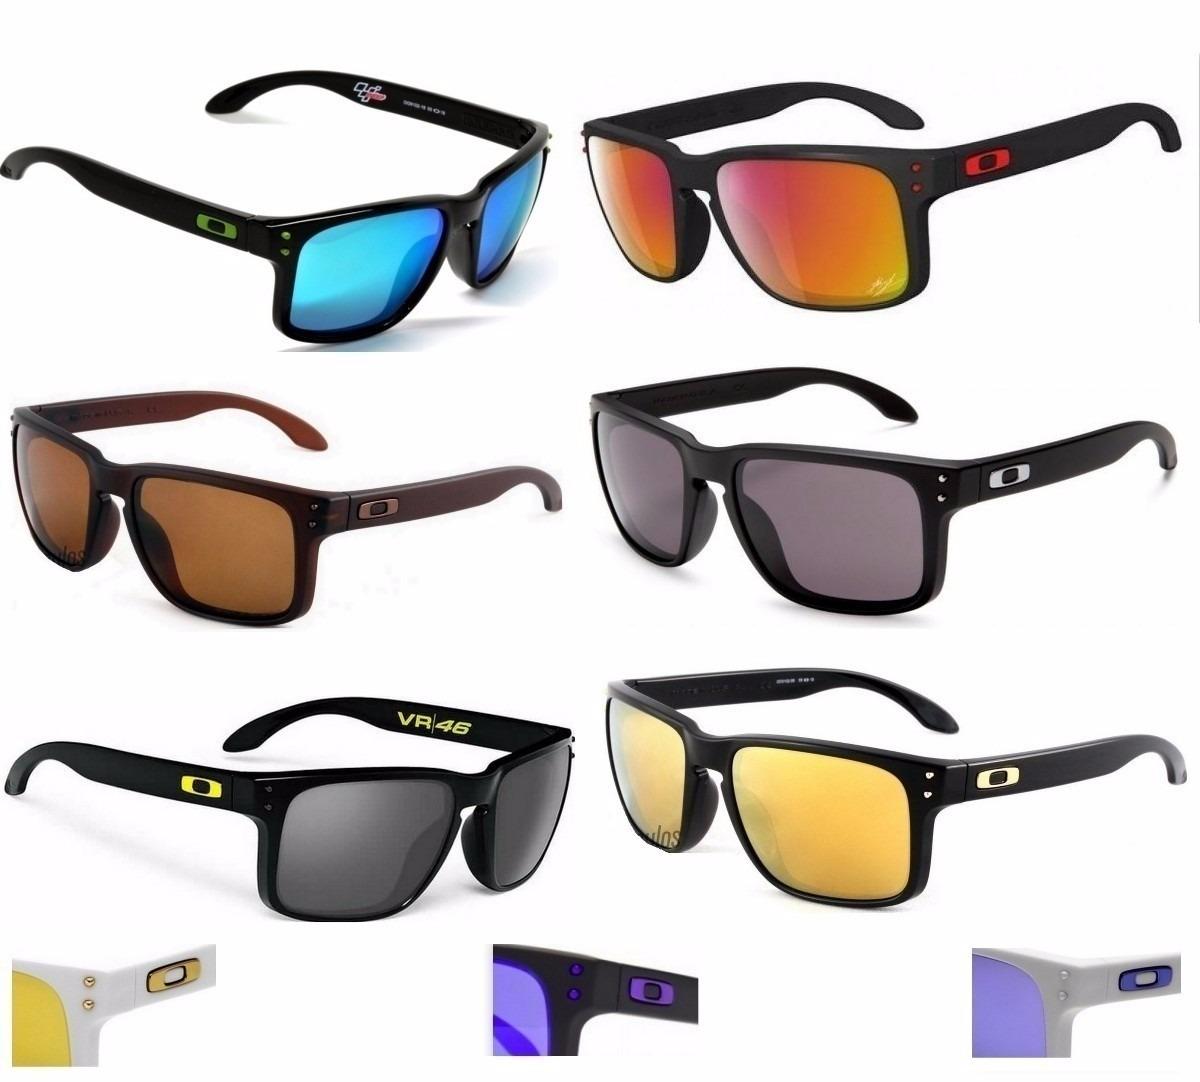 Oculos Holbrook Original Polarizado Frete Free - R  89,90 em Mercado ... f1e574c540